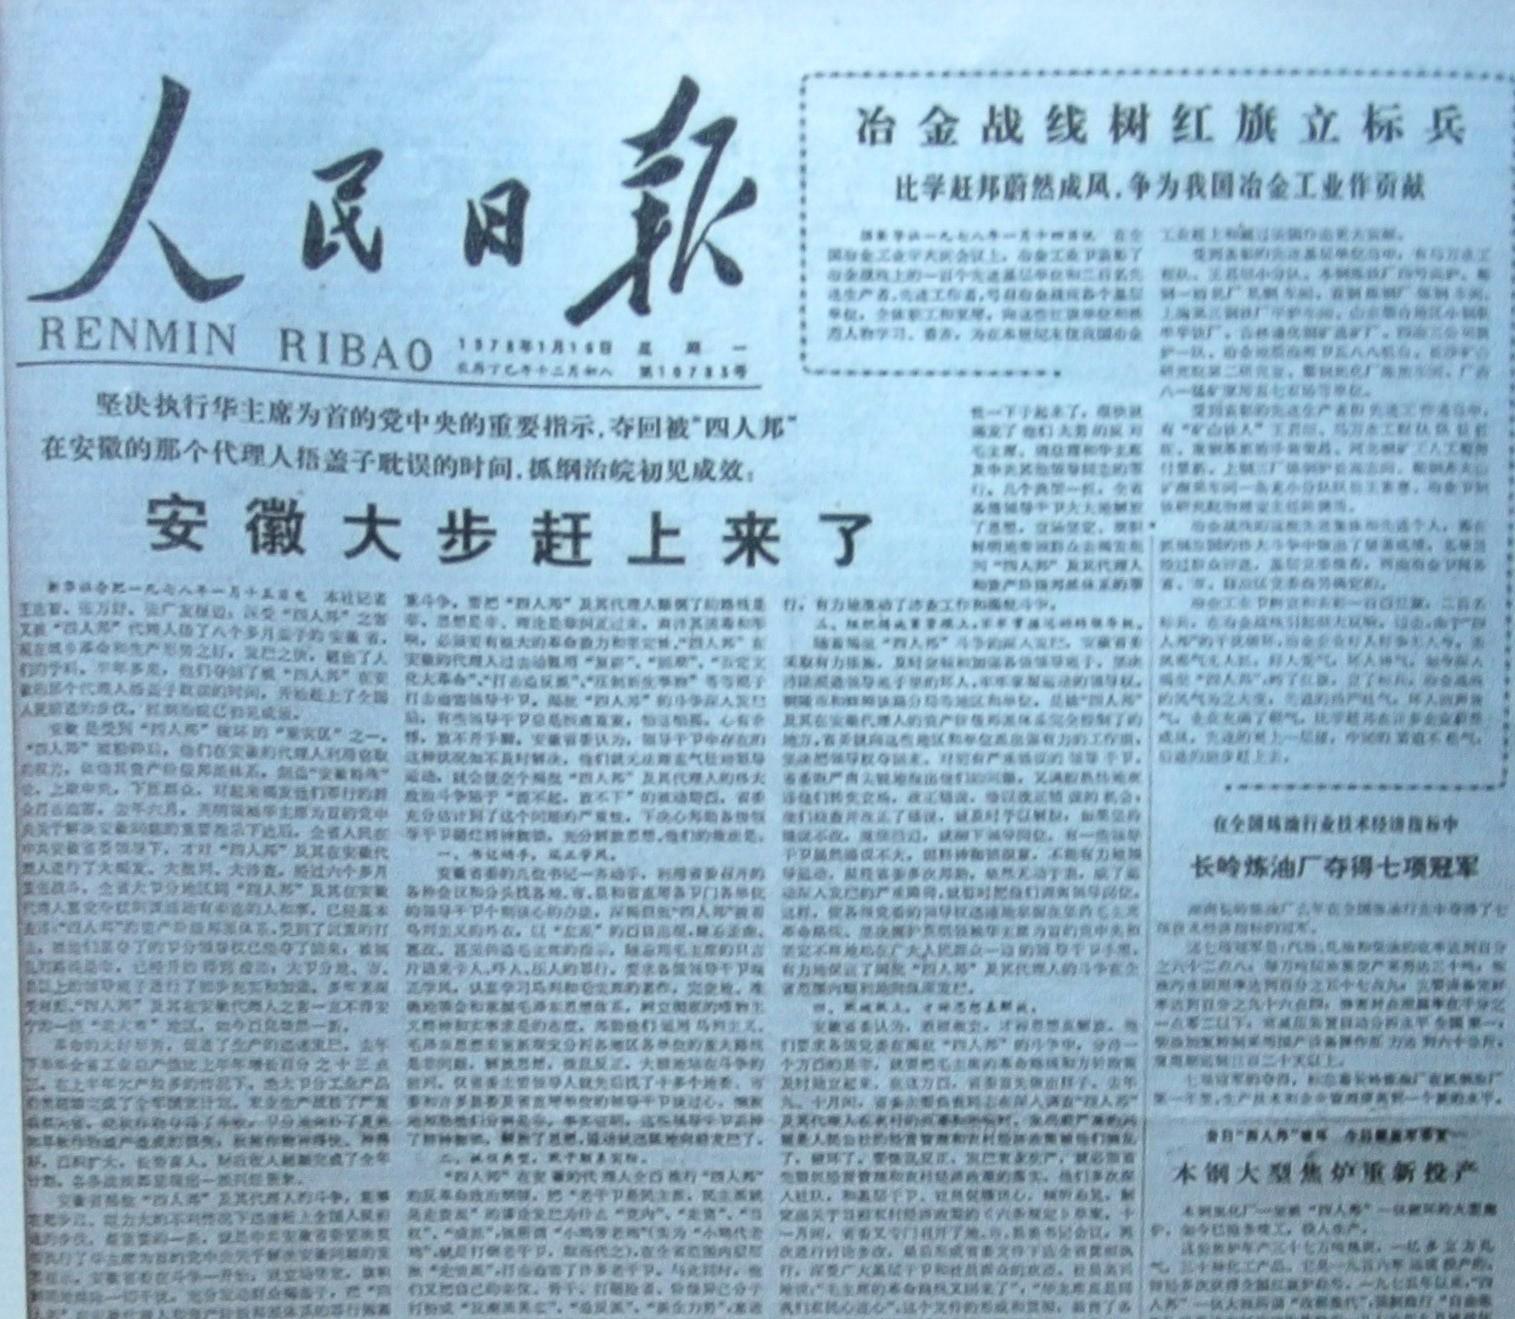 1978年1月16日《人民日报》头版头条《安徽大步赶上来了》。.jpg